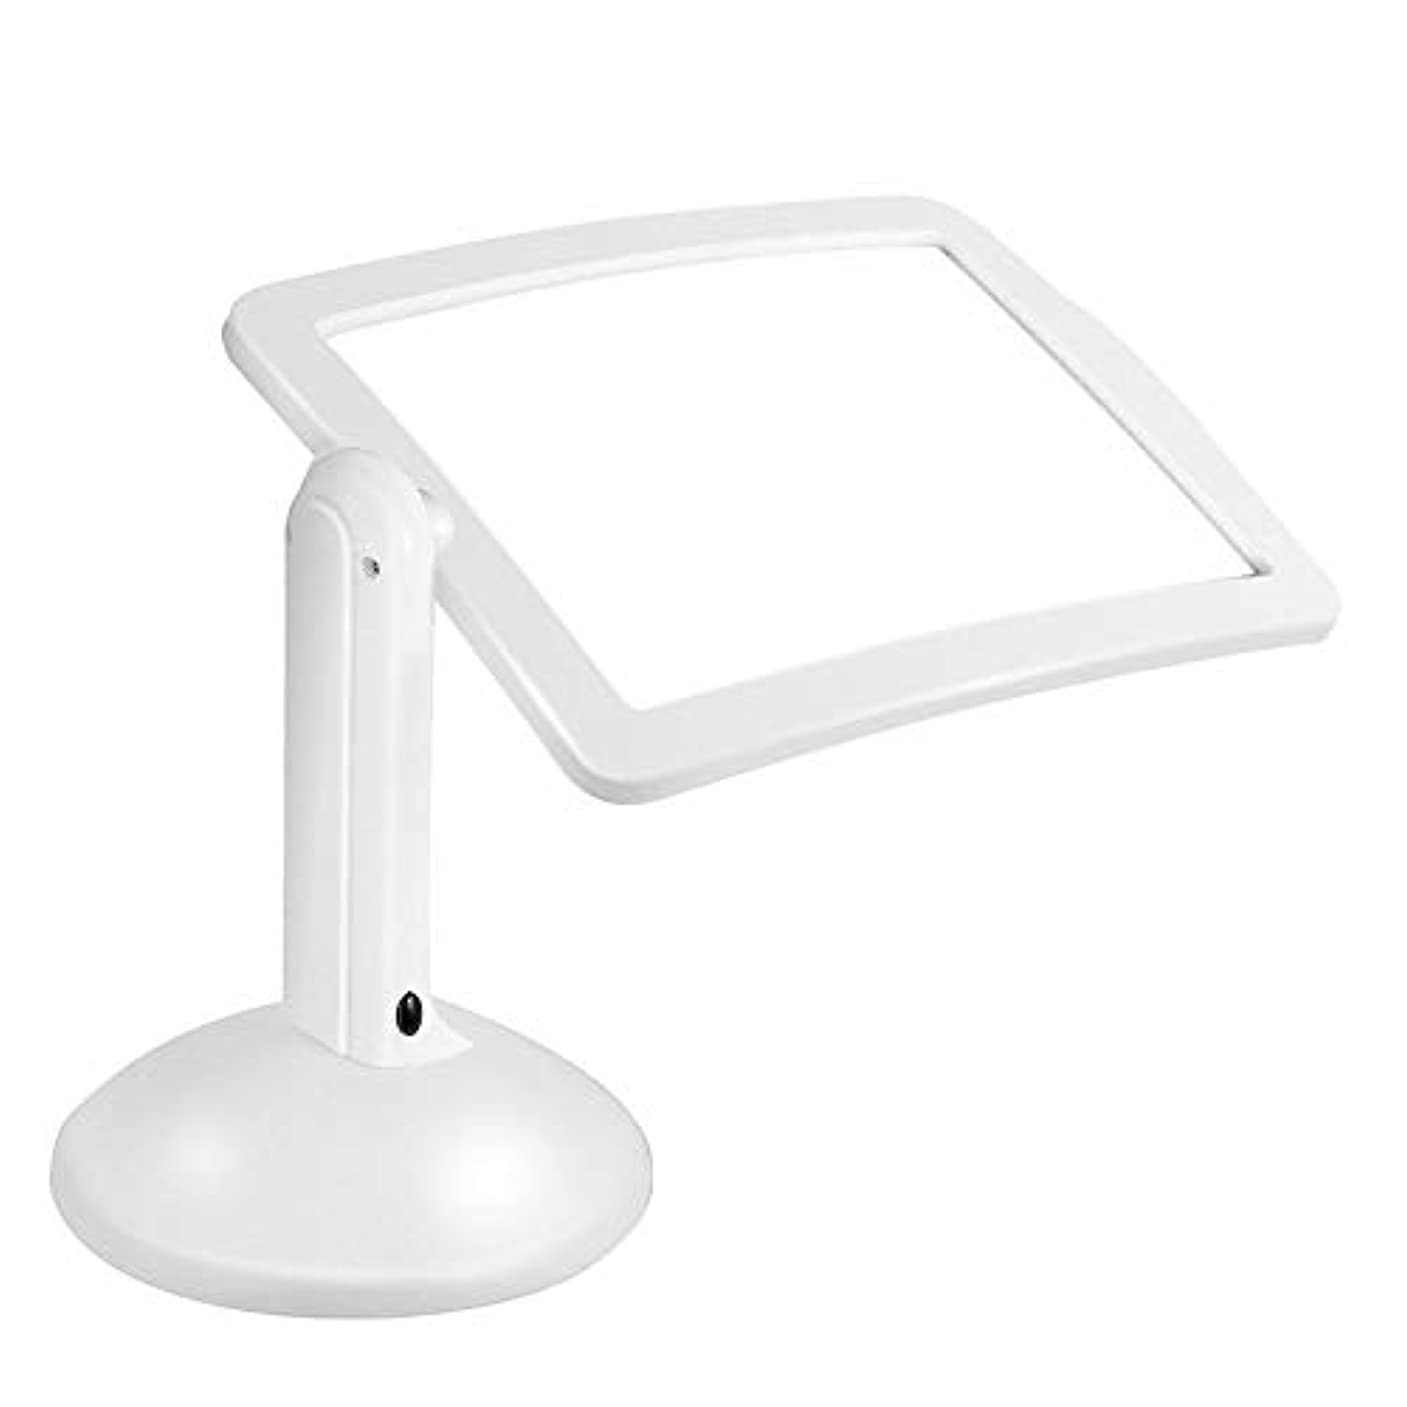 モデレータトリム視聴者360度回転ハンズフリー3倍拡大鏡2 LED拡大鏡テーブルライト(白)